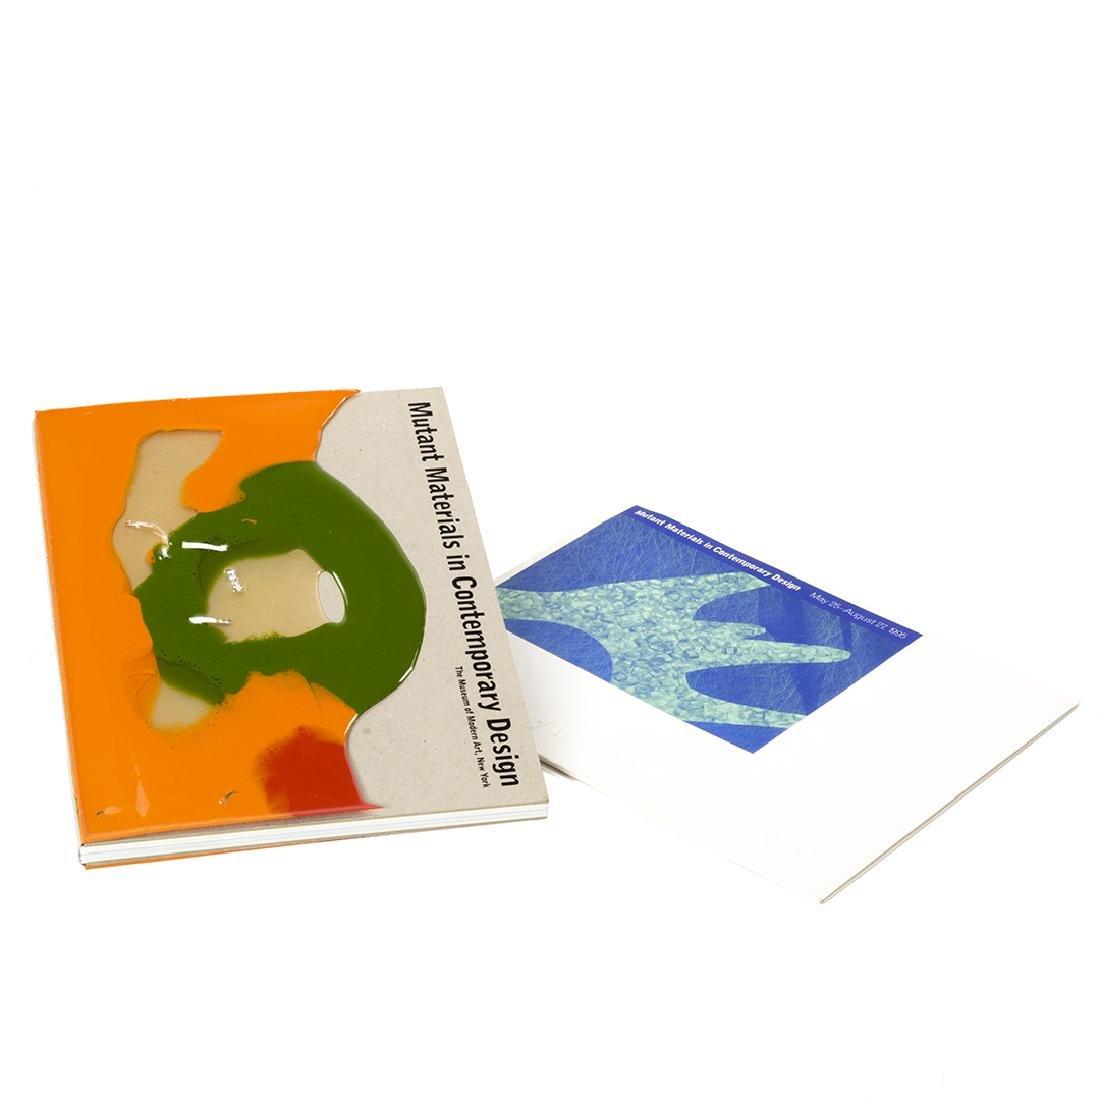 Gaetano Pesce Mutant Materials Catalog